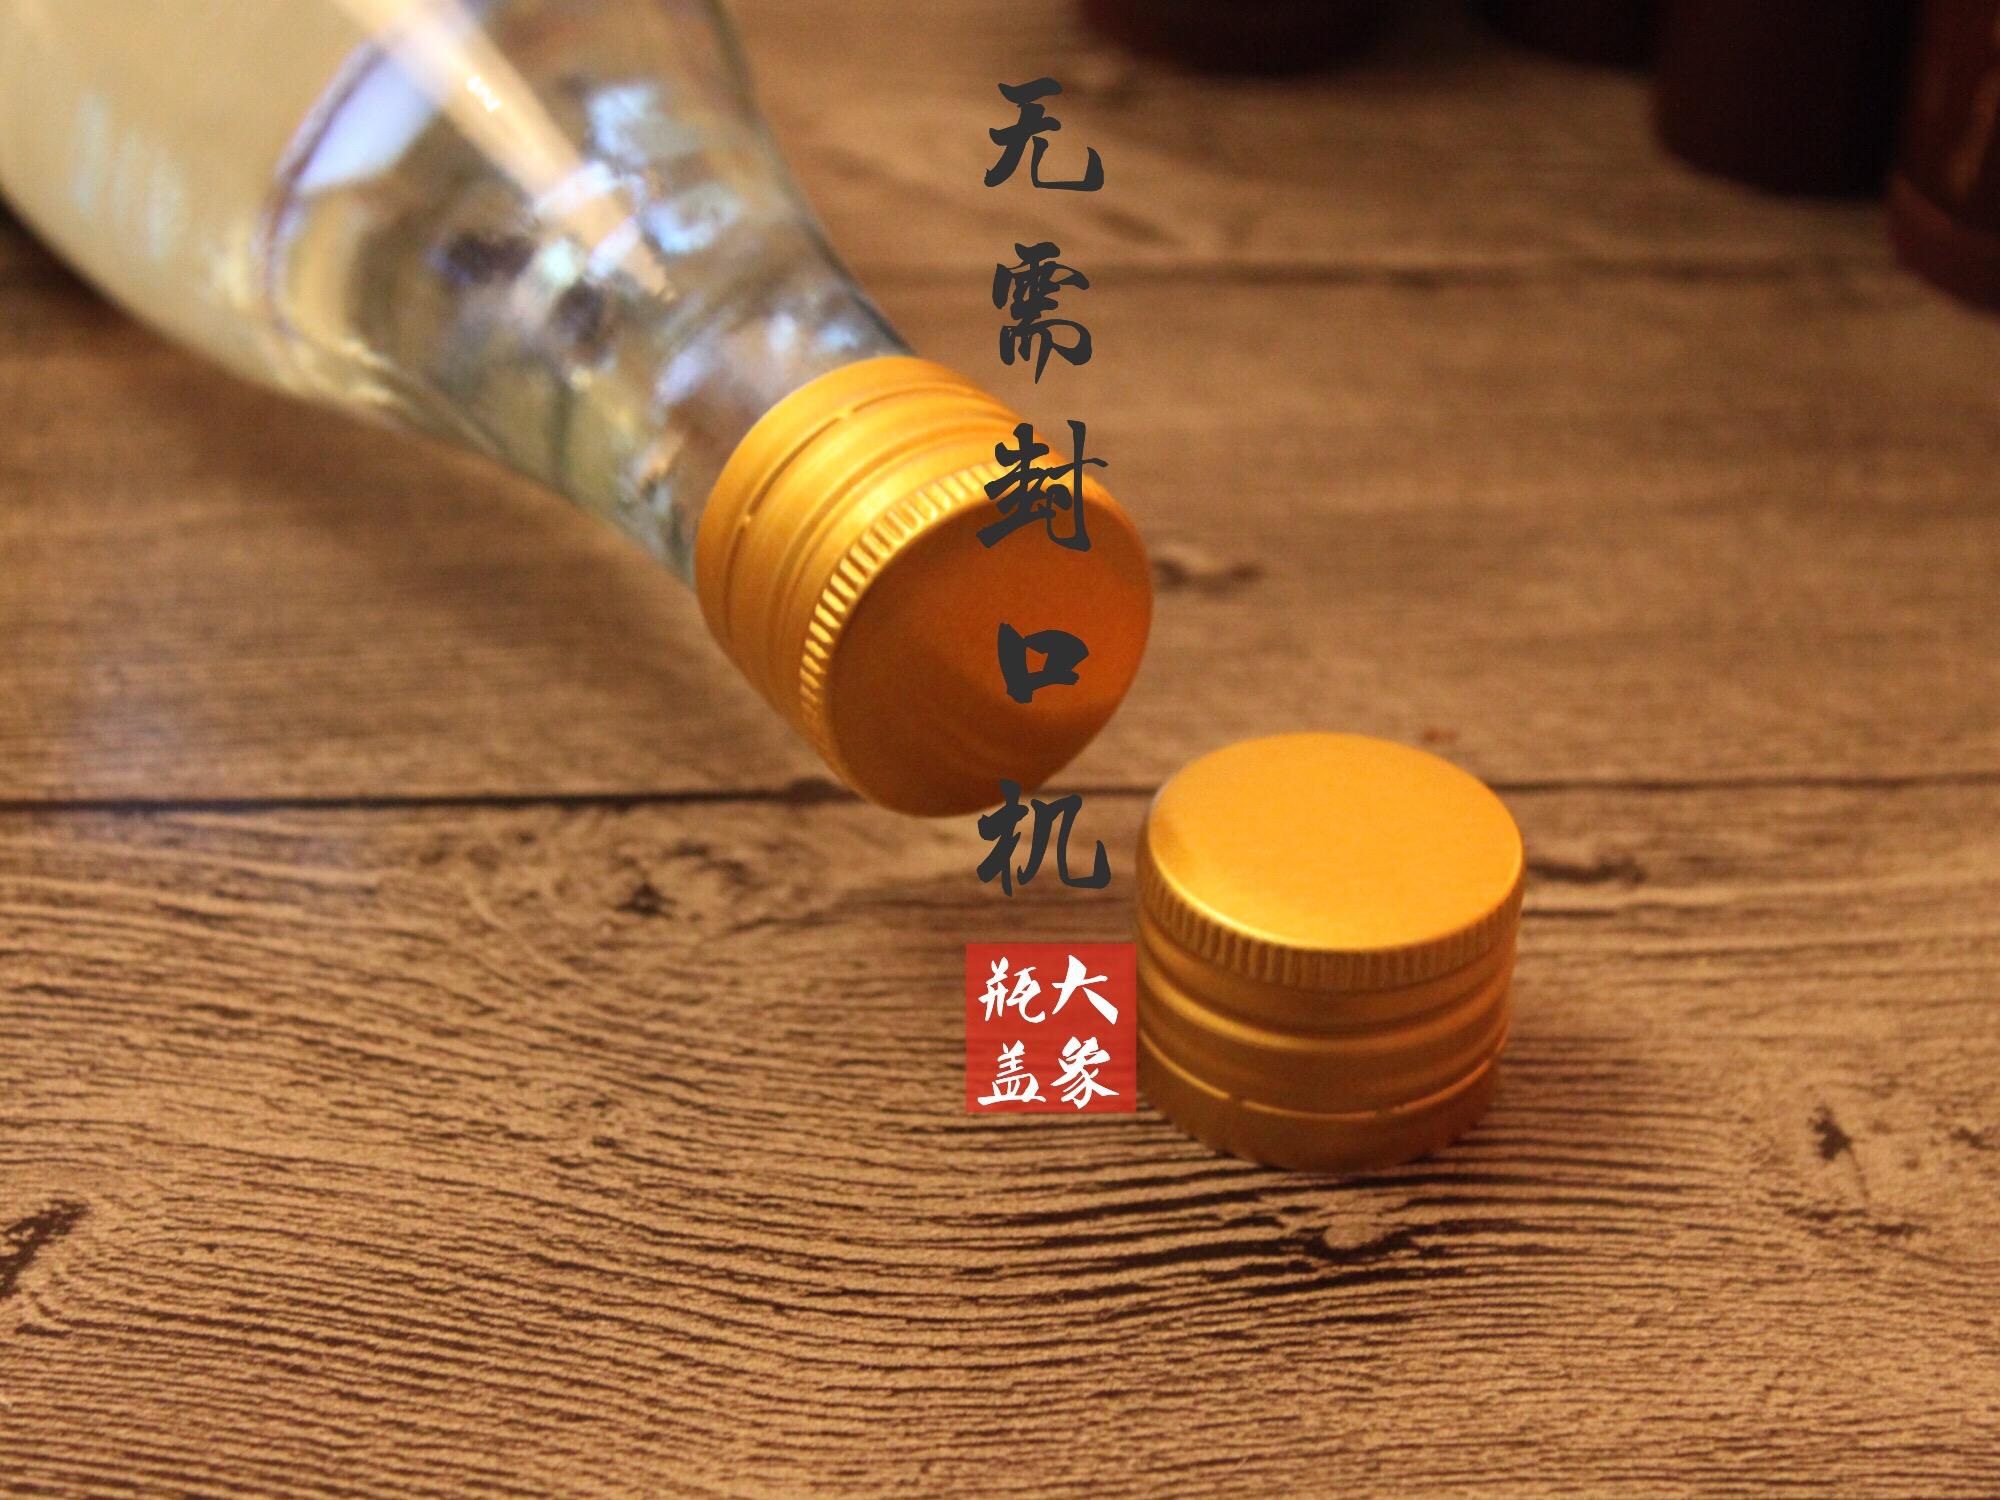 通用螺旋口铝制白酒大曲陈酿二锅头无需封口机工厂大象酒瓶盖